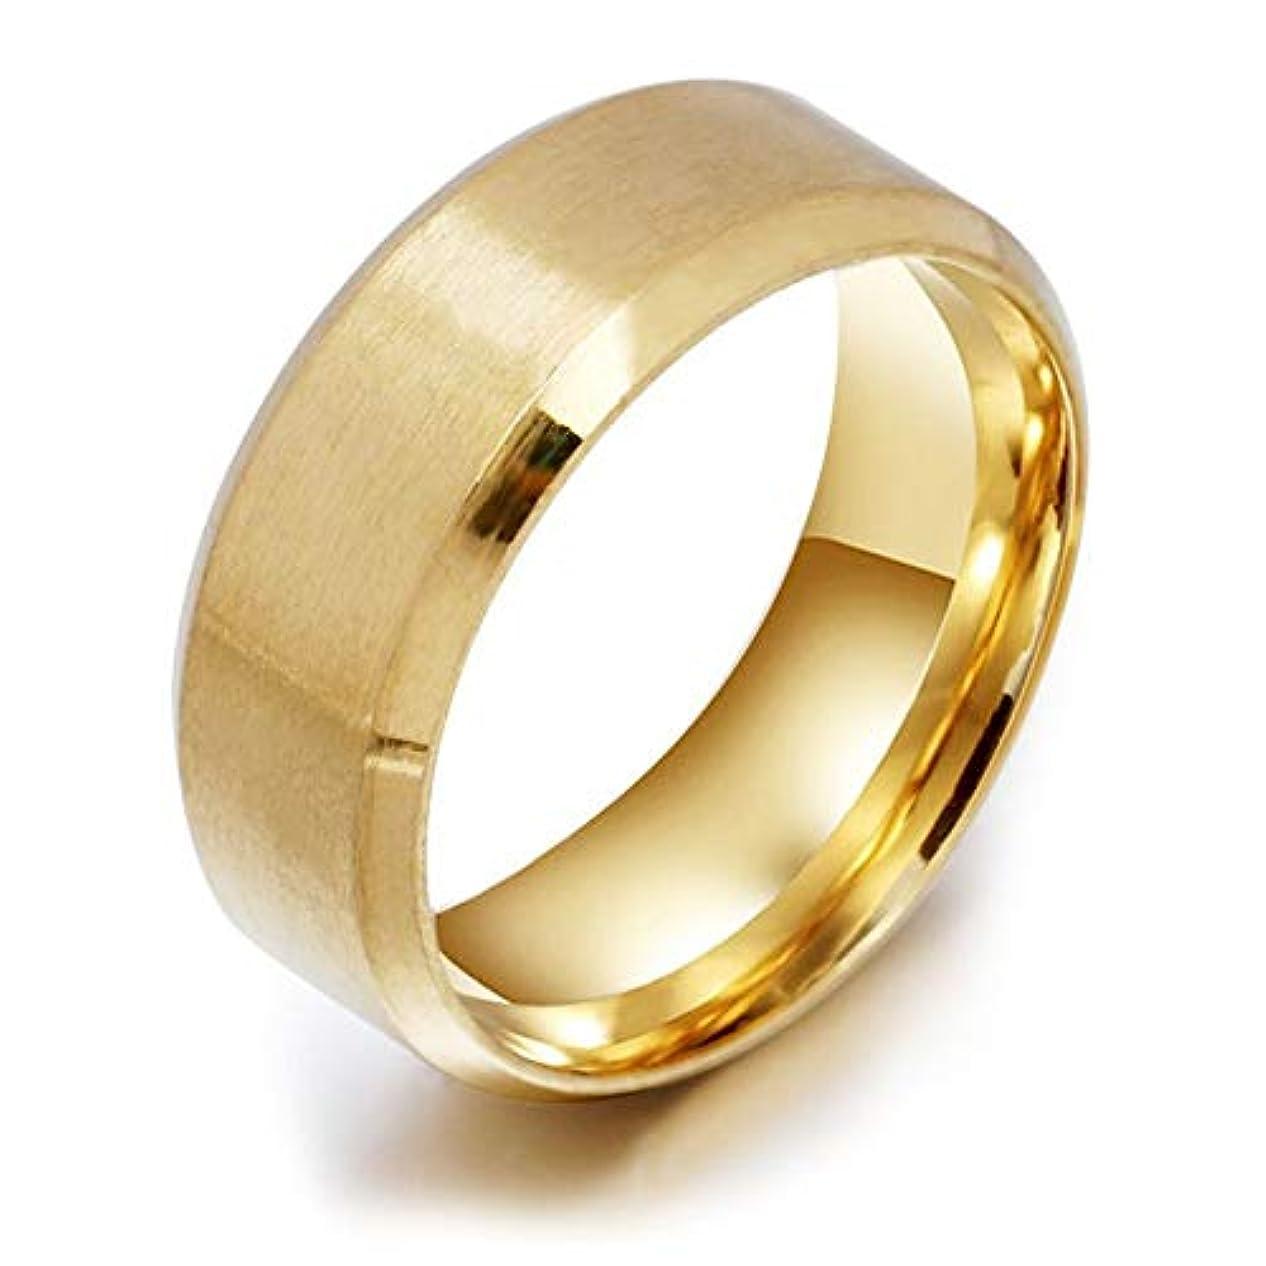 製品解明する程度ステンレス鋼の医療指リング磁気減量リング男性のための高いポーランドのファッションジュエリー女性リング-ゴールド10